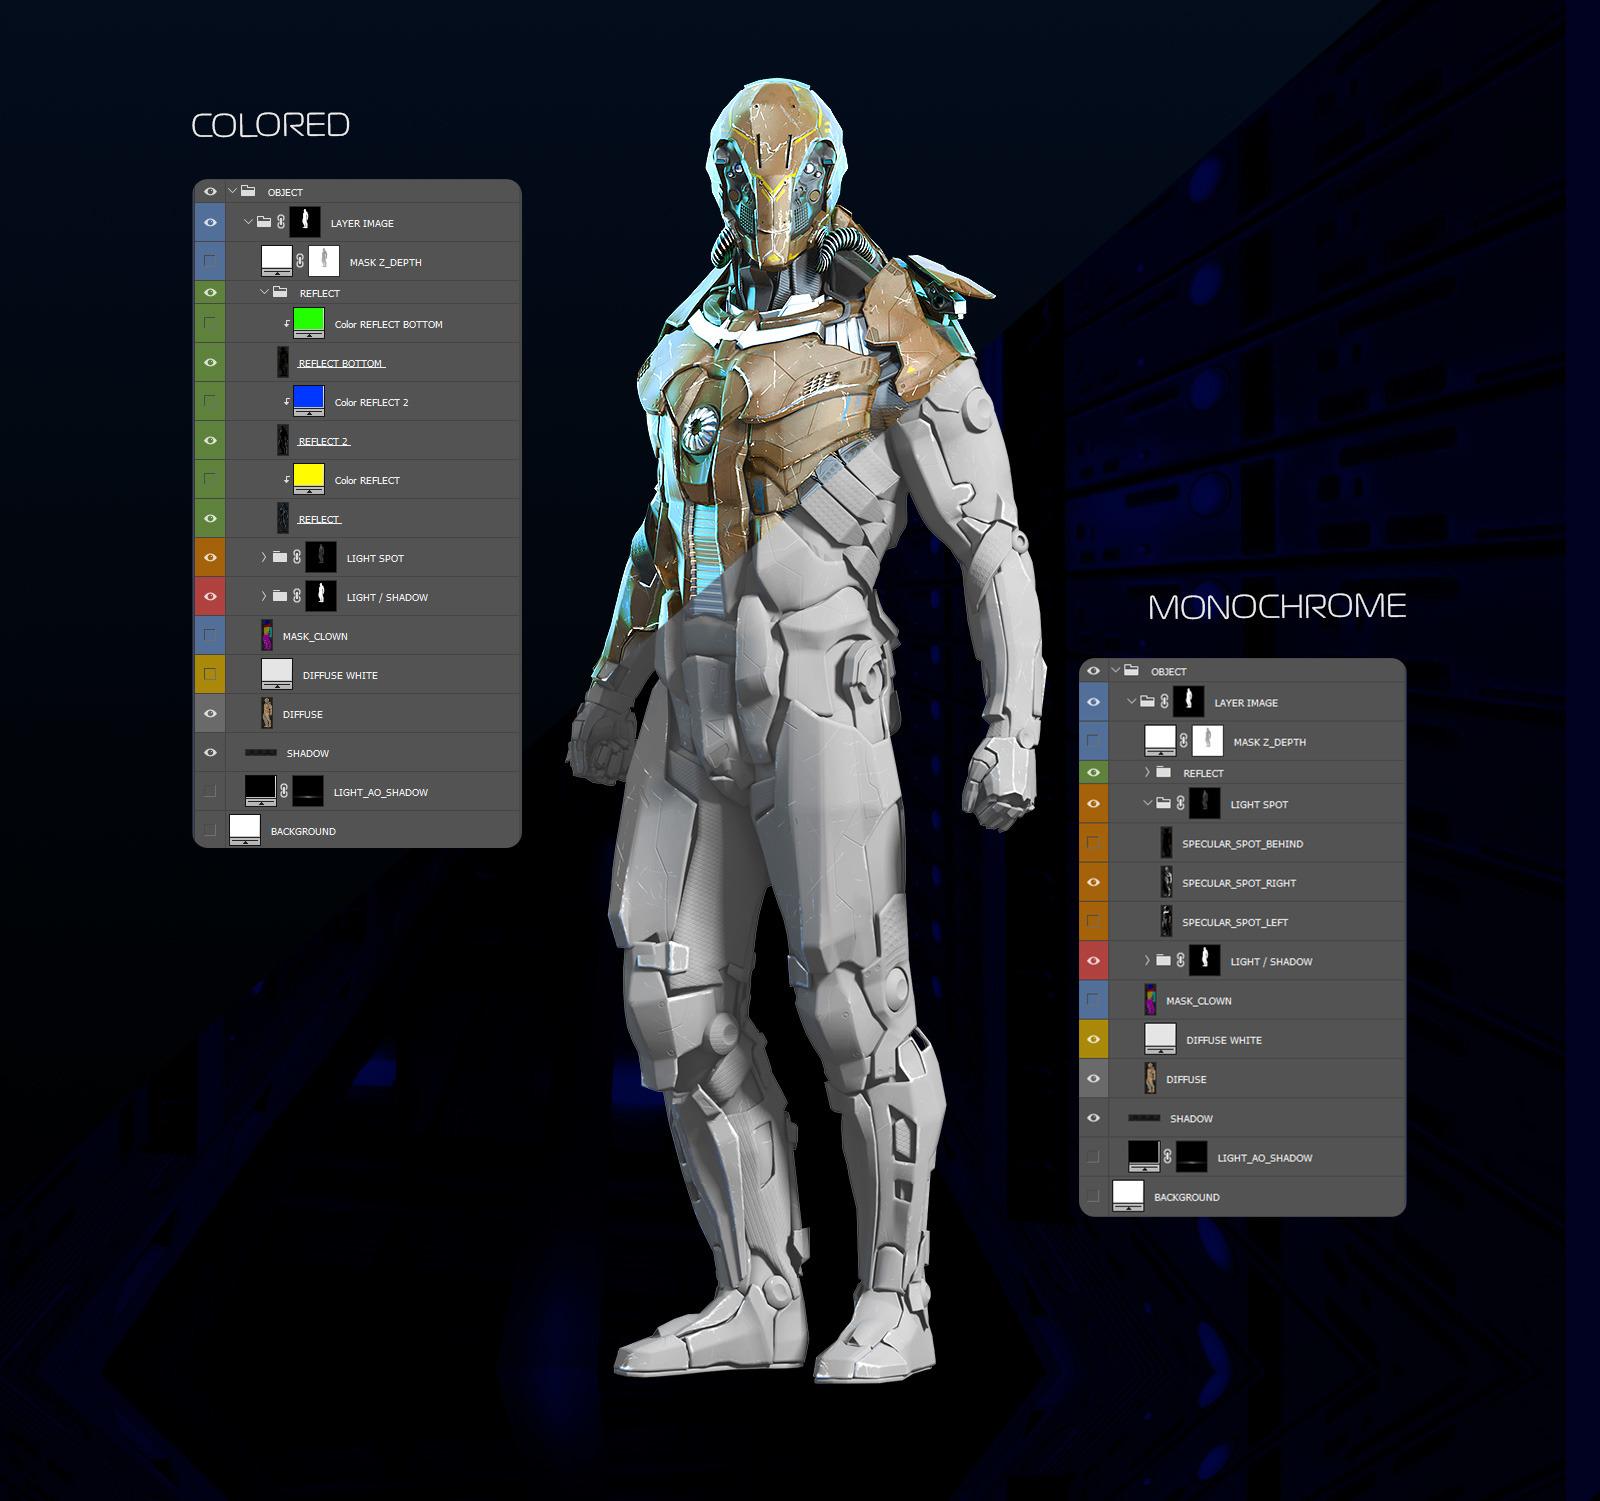 未来科幻金属变形盔甲机器人3D立体模型PS设计源文件 Security Robots #1插图(2)